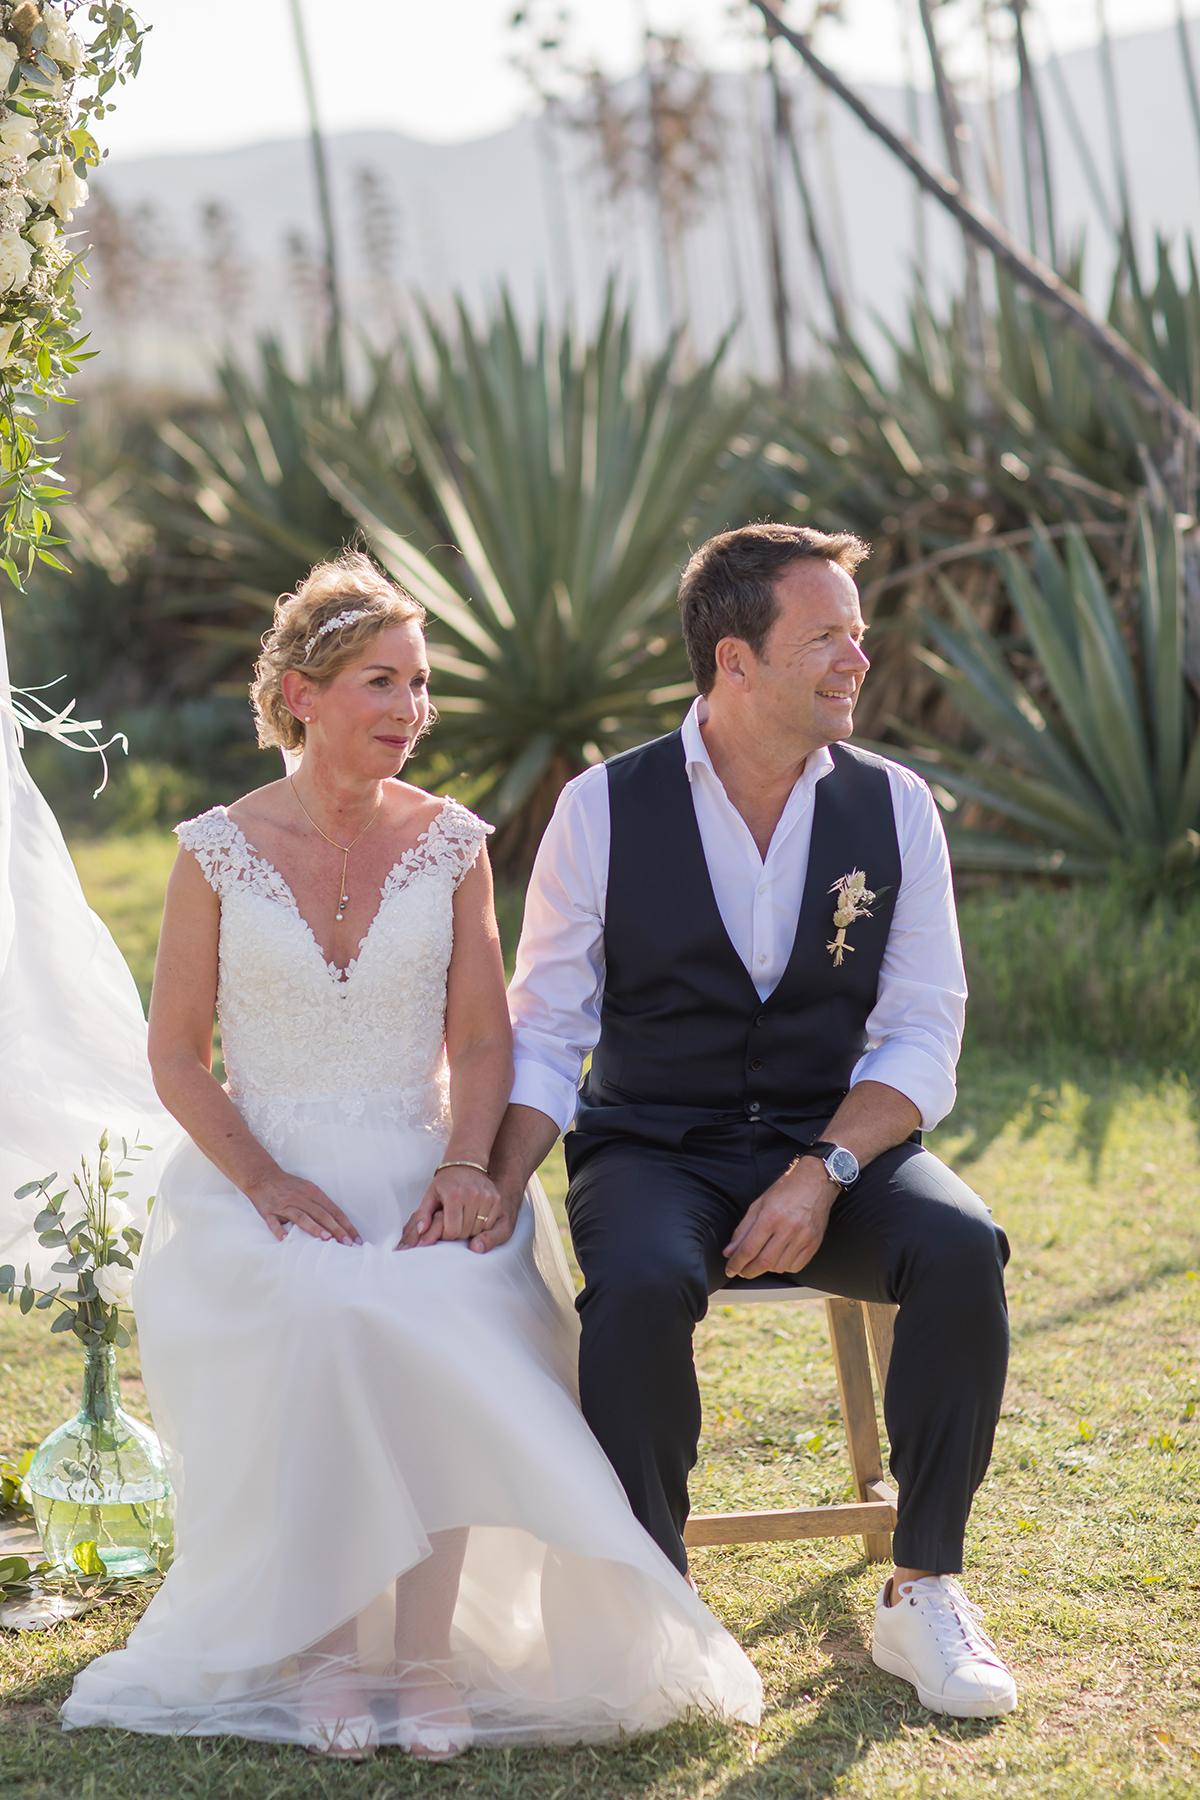 Hochzeit am Meer, Brautpaar während Zeremonie